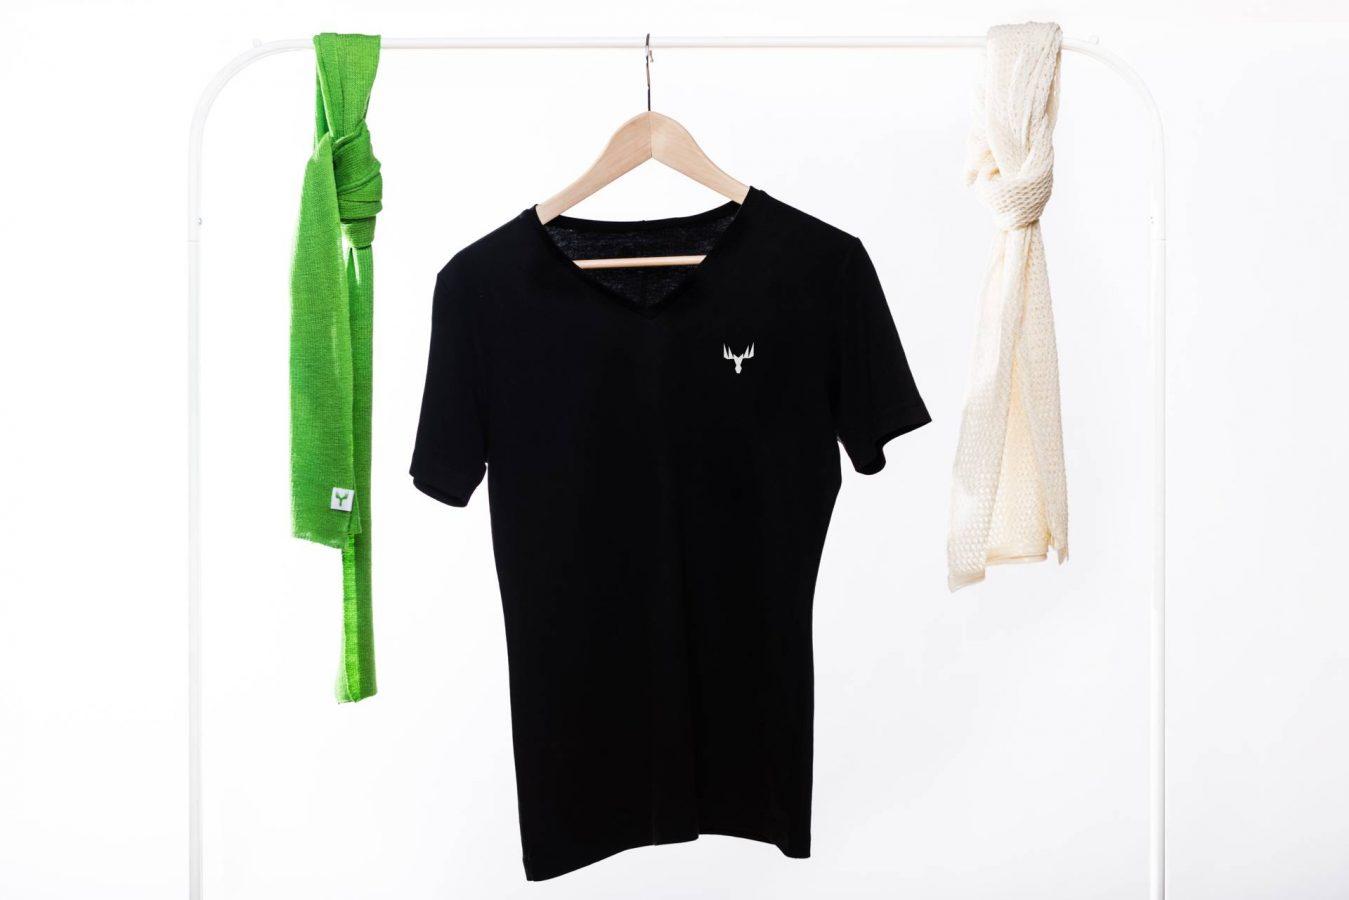 Metsä Springin tuotteita: vihreä ja valkoinen kaulahuivi ja musta t-paita.